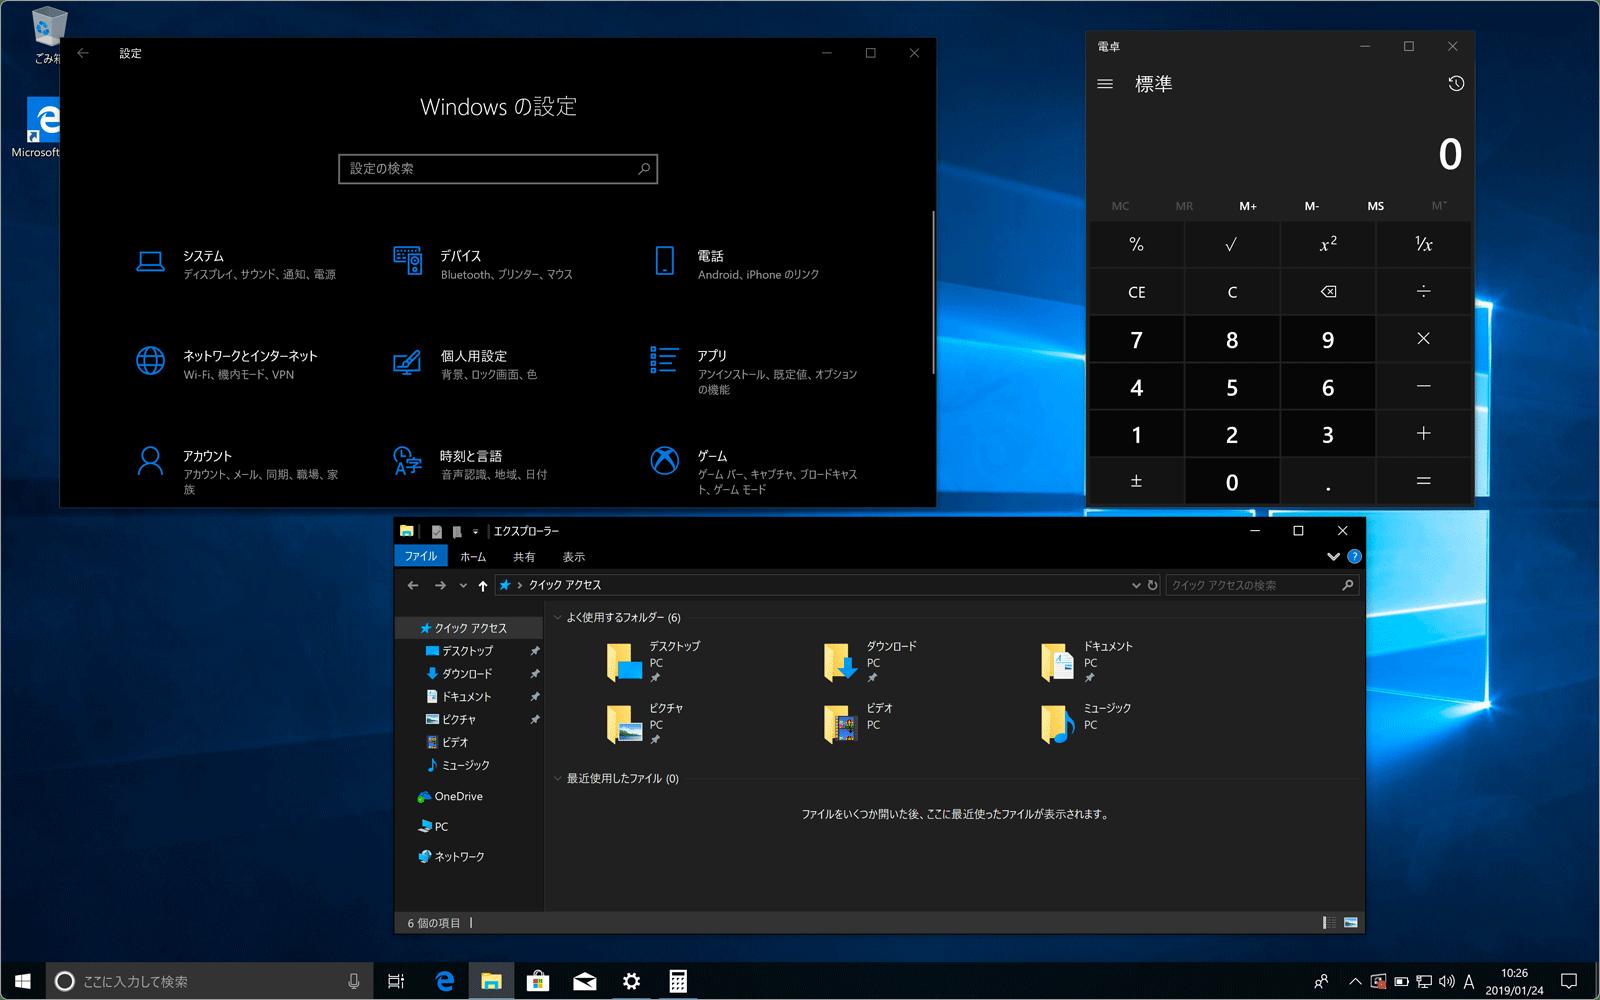 Windows10をダークモードに切り替えて作業効率を上げる方法